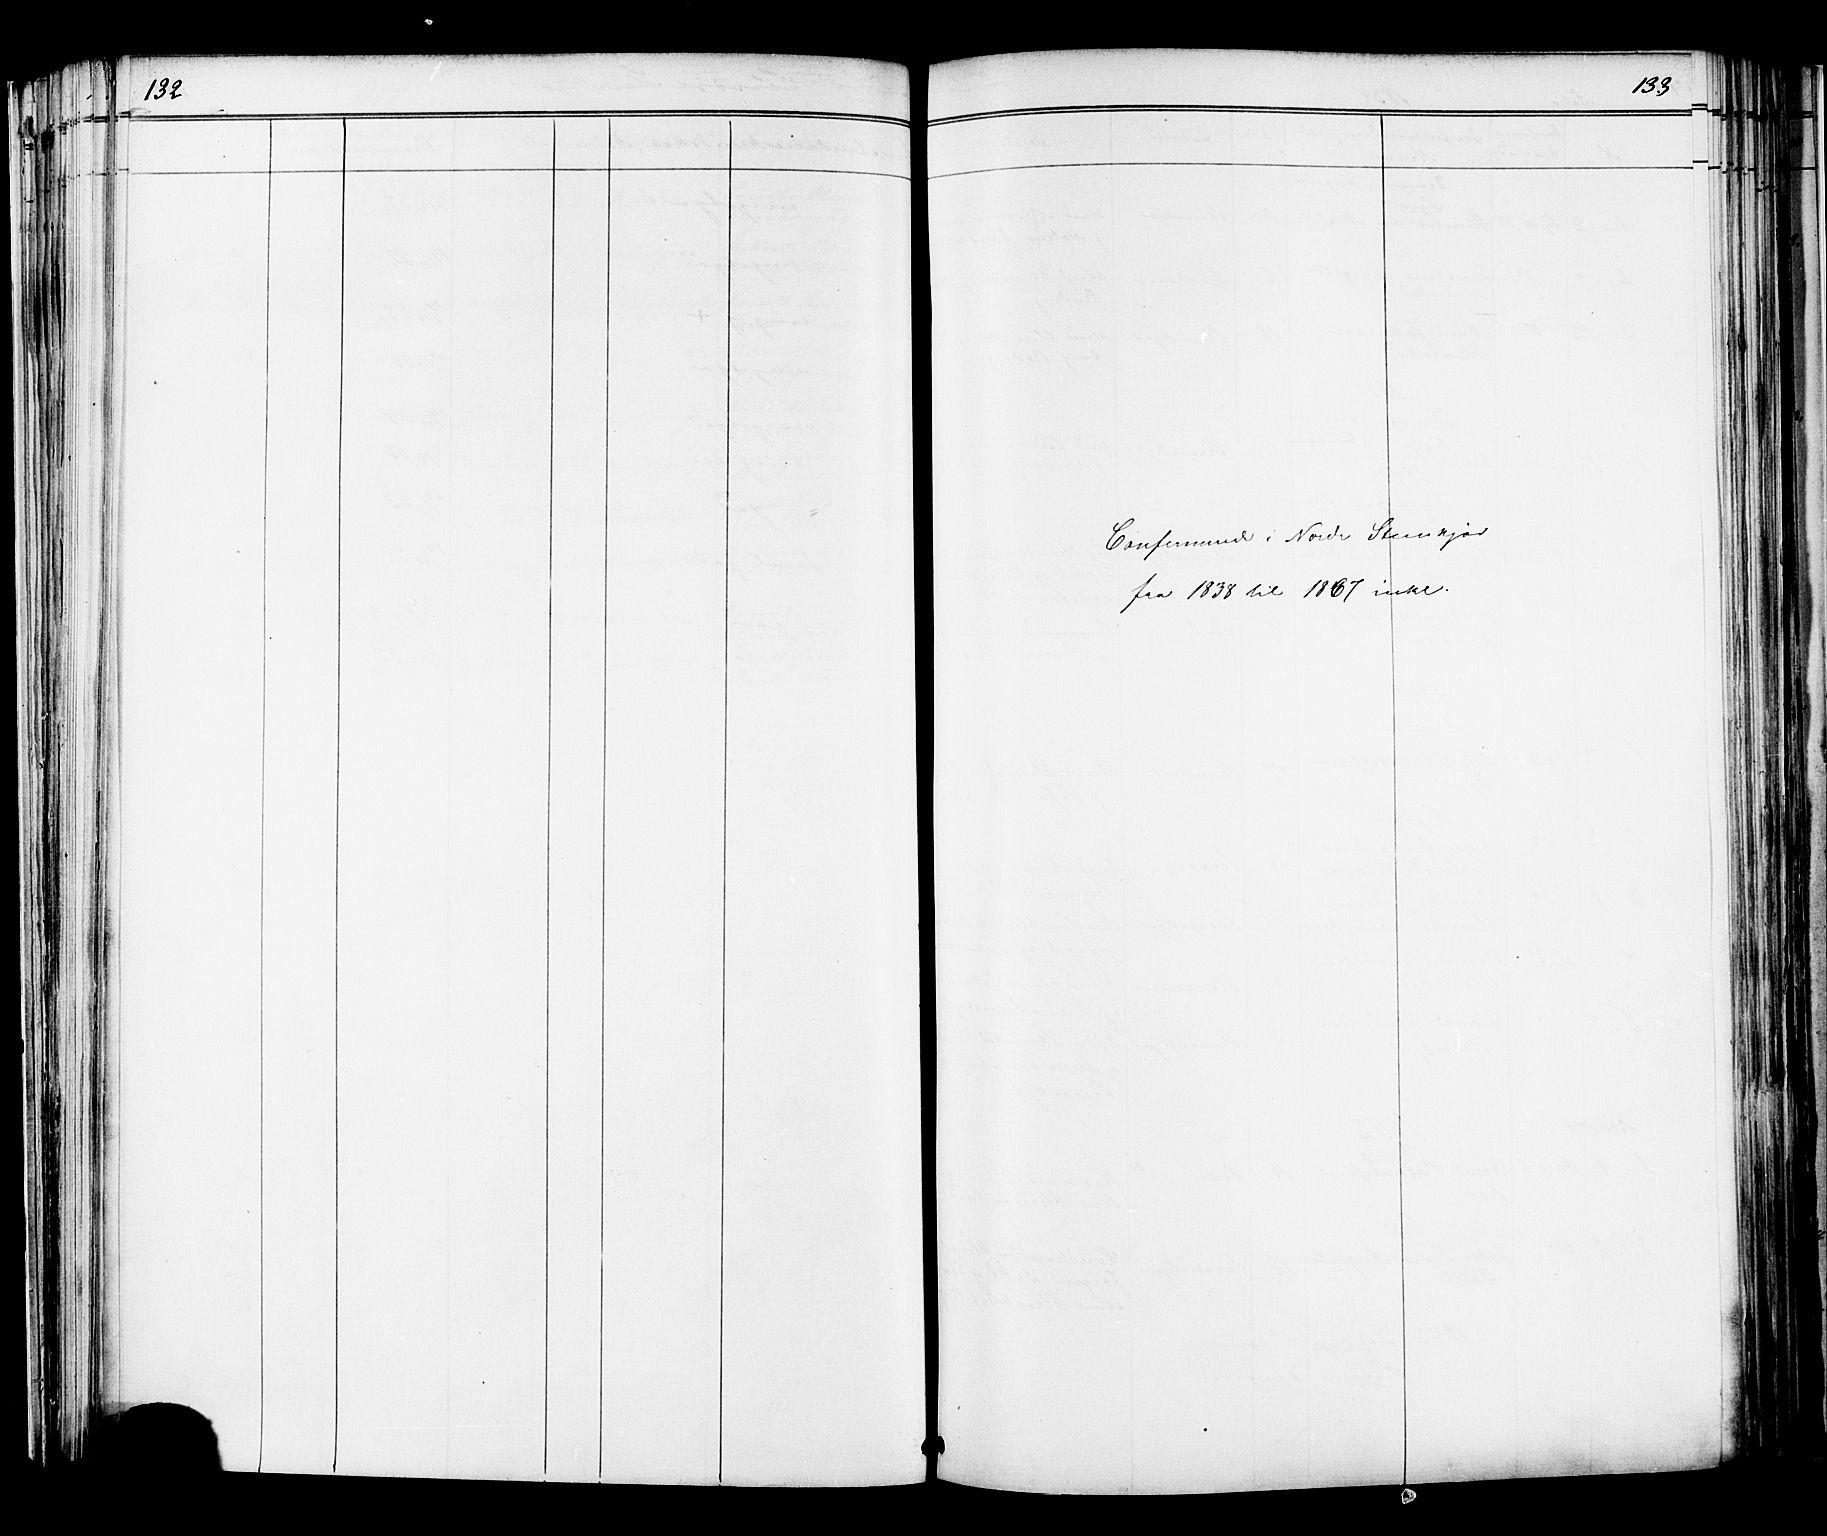 SAT, Ministerialprotokoller, klokkerbøker og fødselsregistre - Nord-Trøndelag, 739/L0367: Ministerialbok nr. 739A01 /2, 1838-1868, s. 132-133